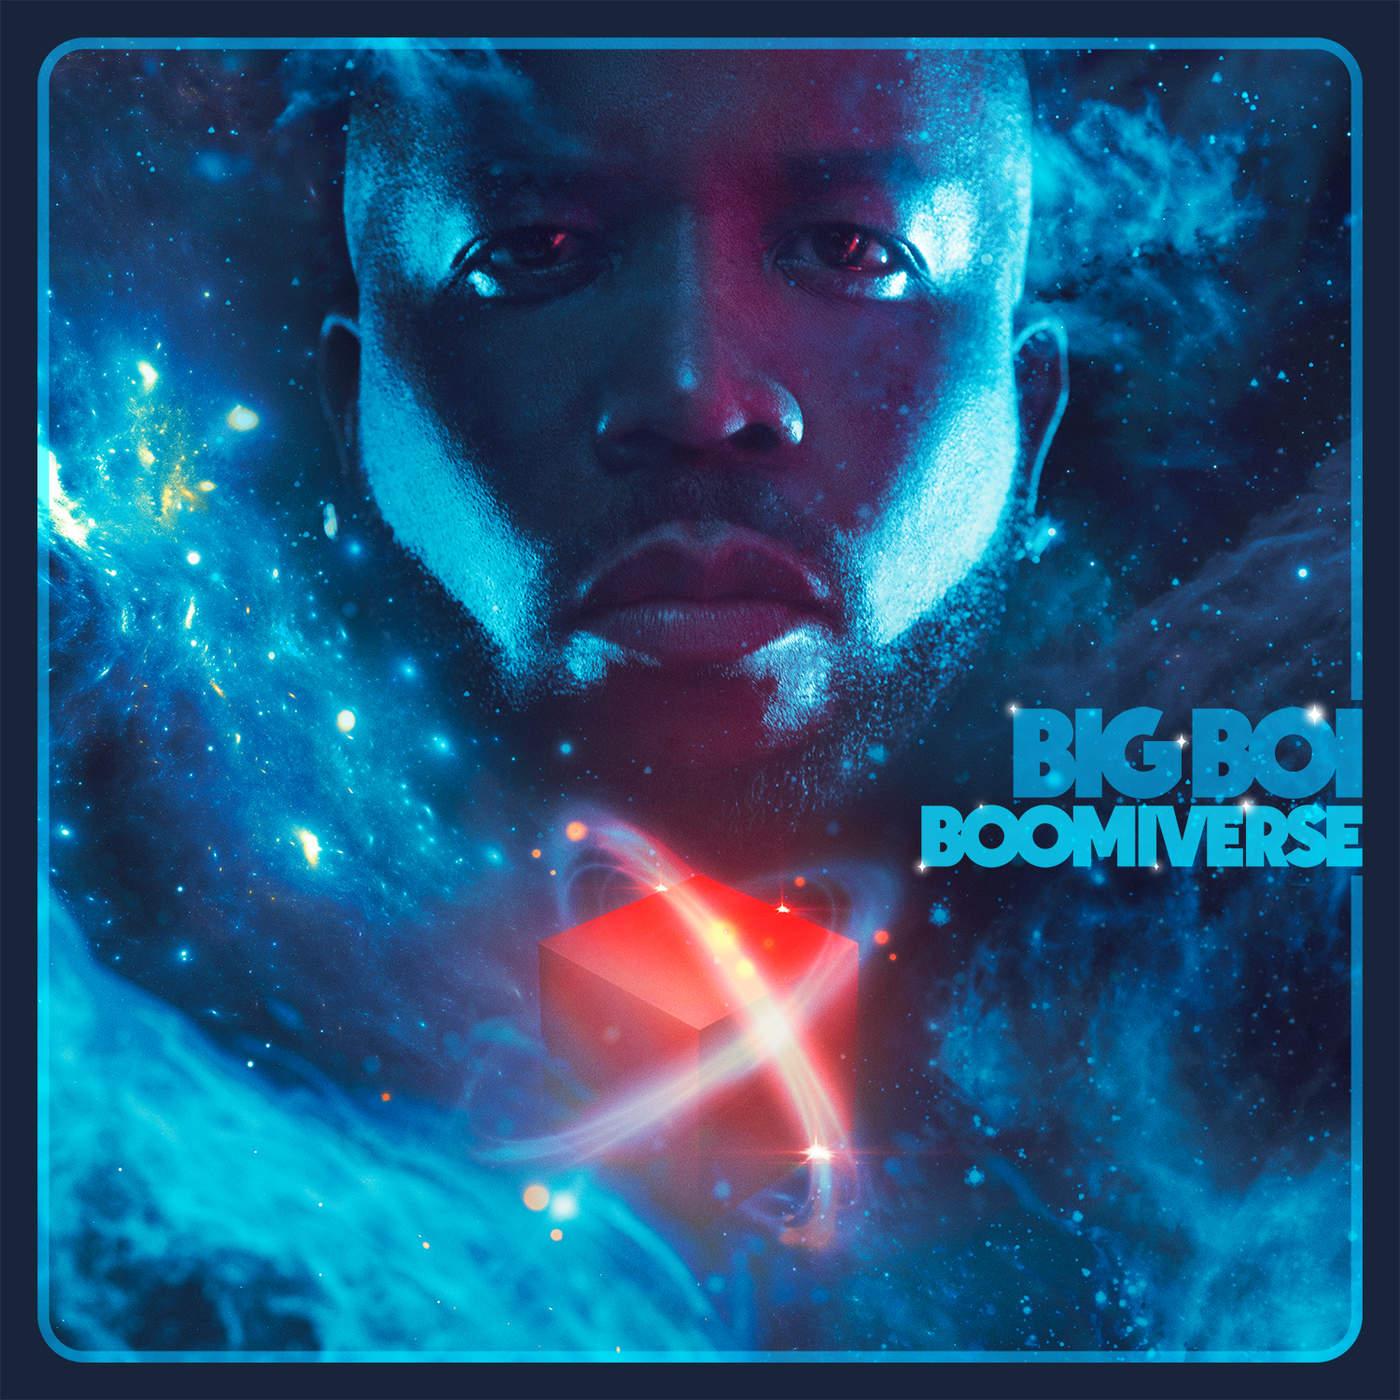 Big Boi - Boomiverse Cover